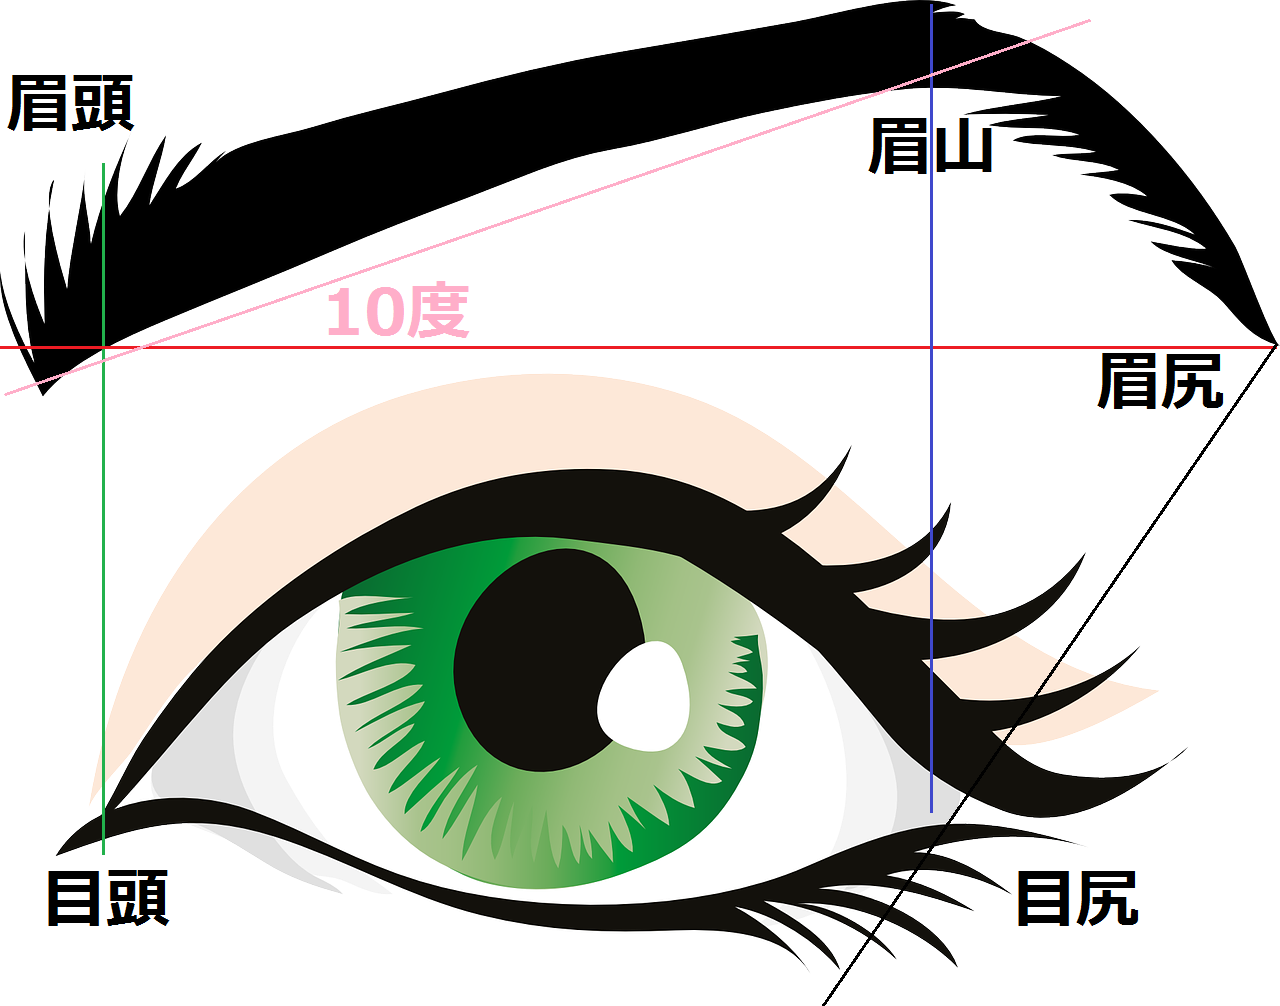 目と眉毛のイラスト